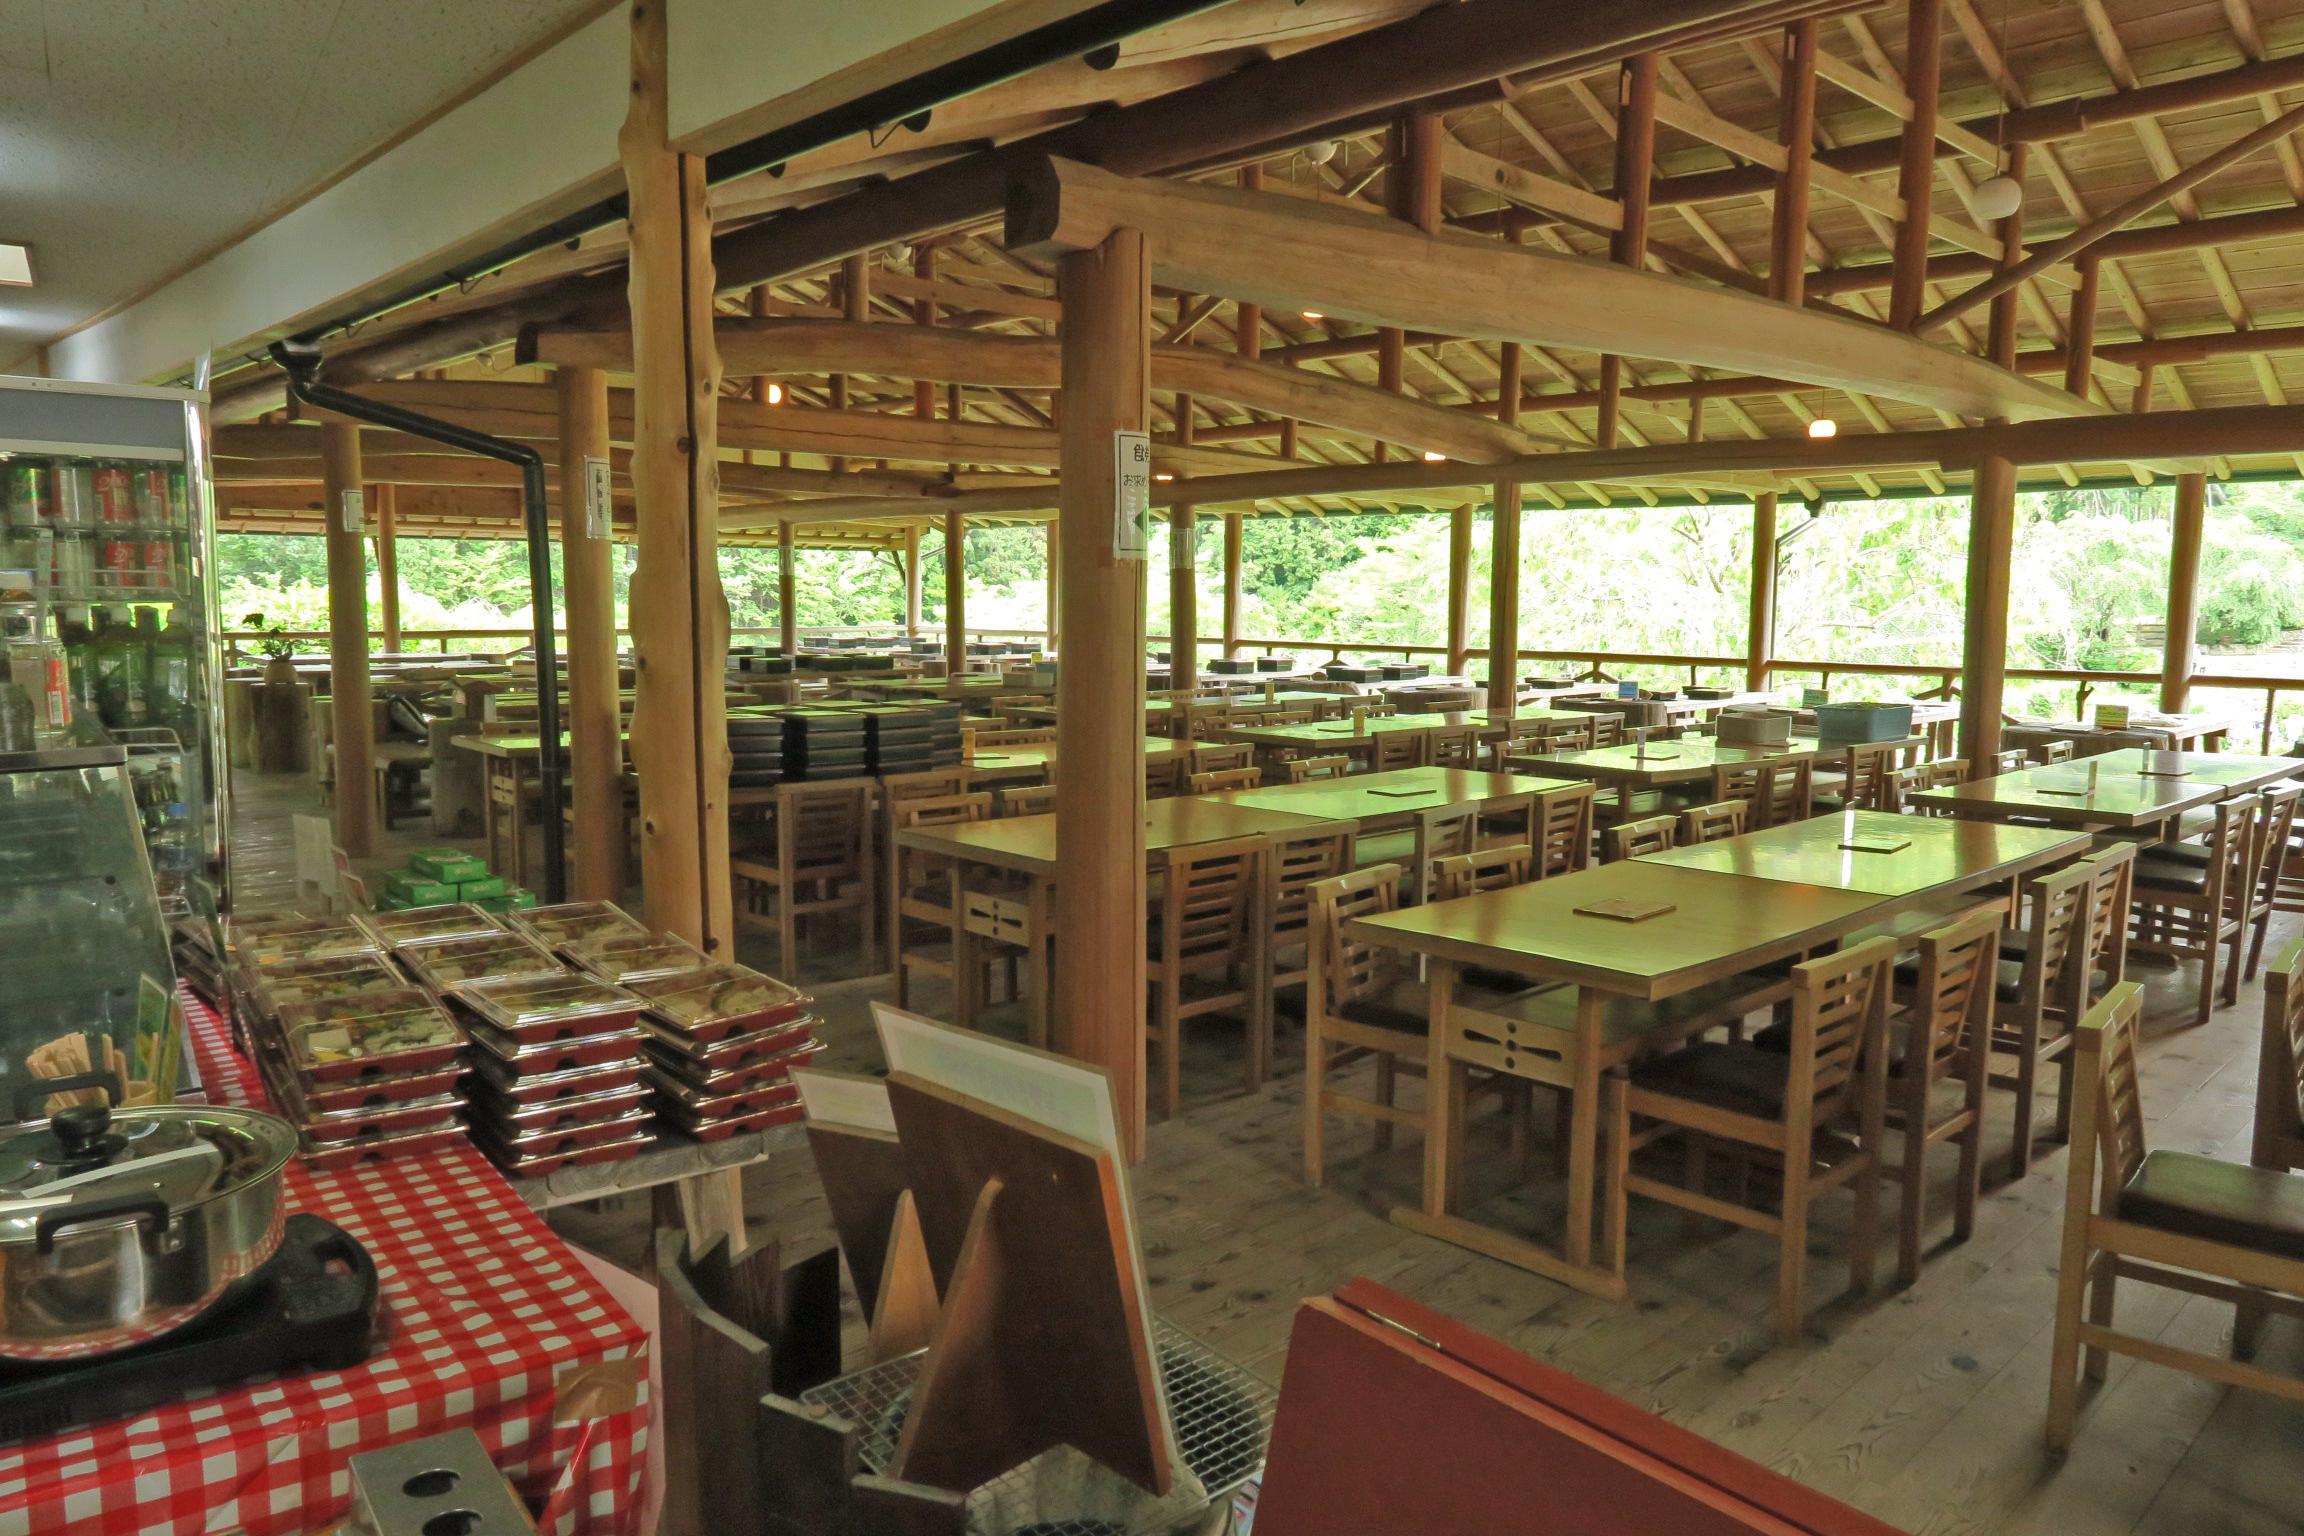 休憩所兼食堂です。お弁当やビールなども売っています。